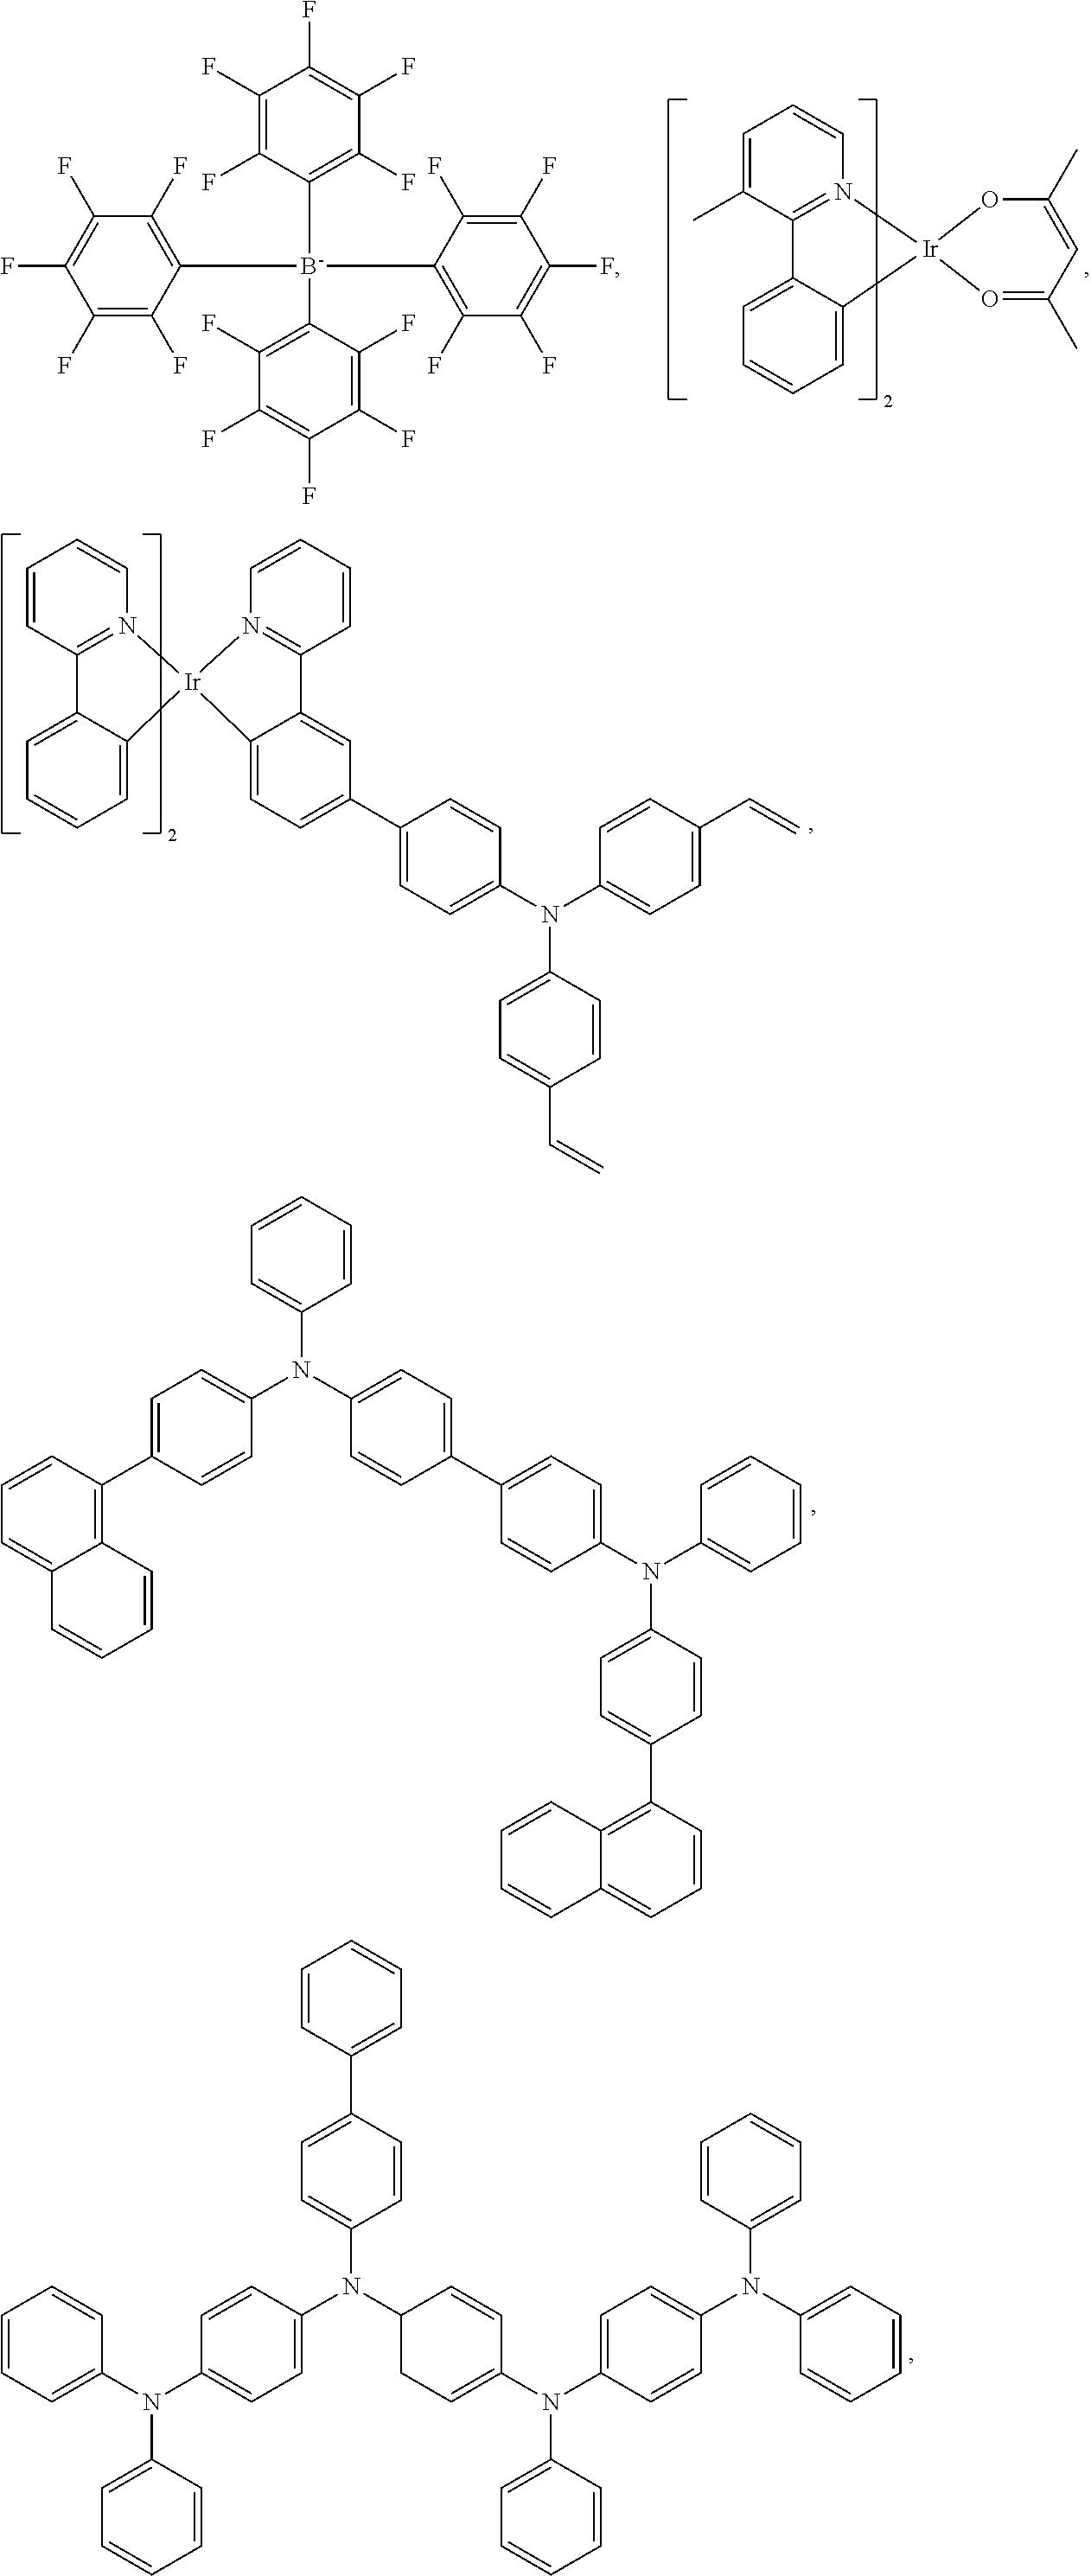 Figure US09859510-20180102-C00041